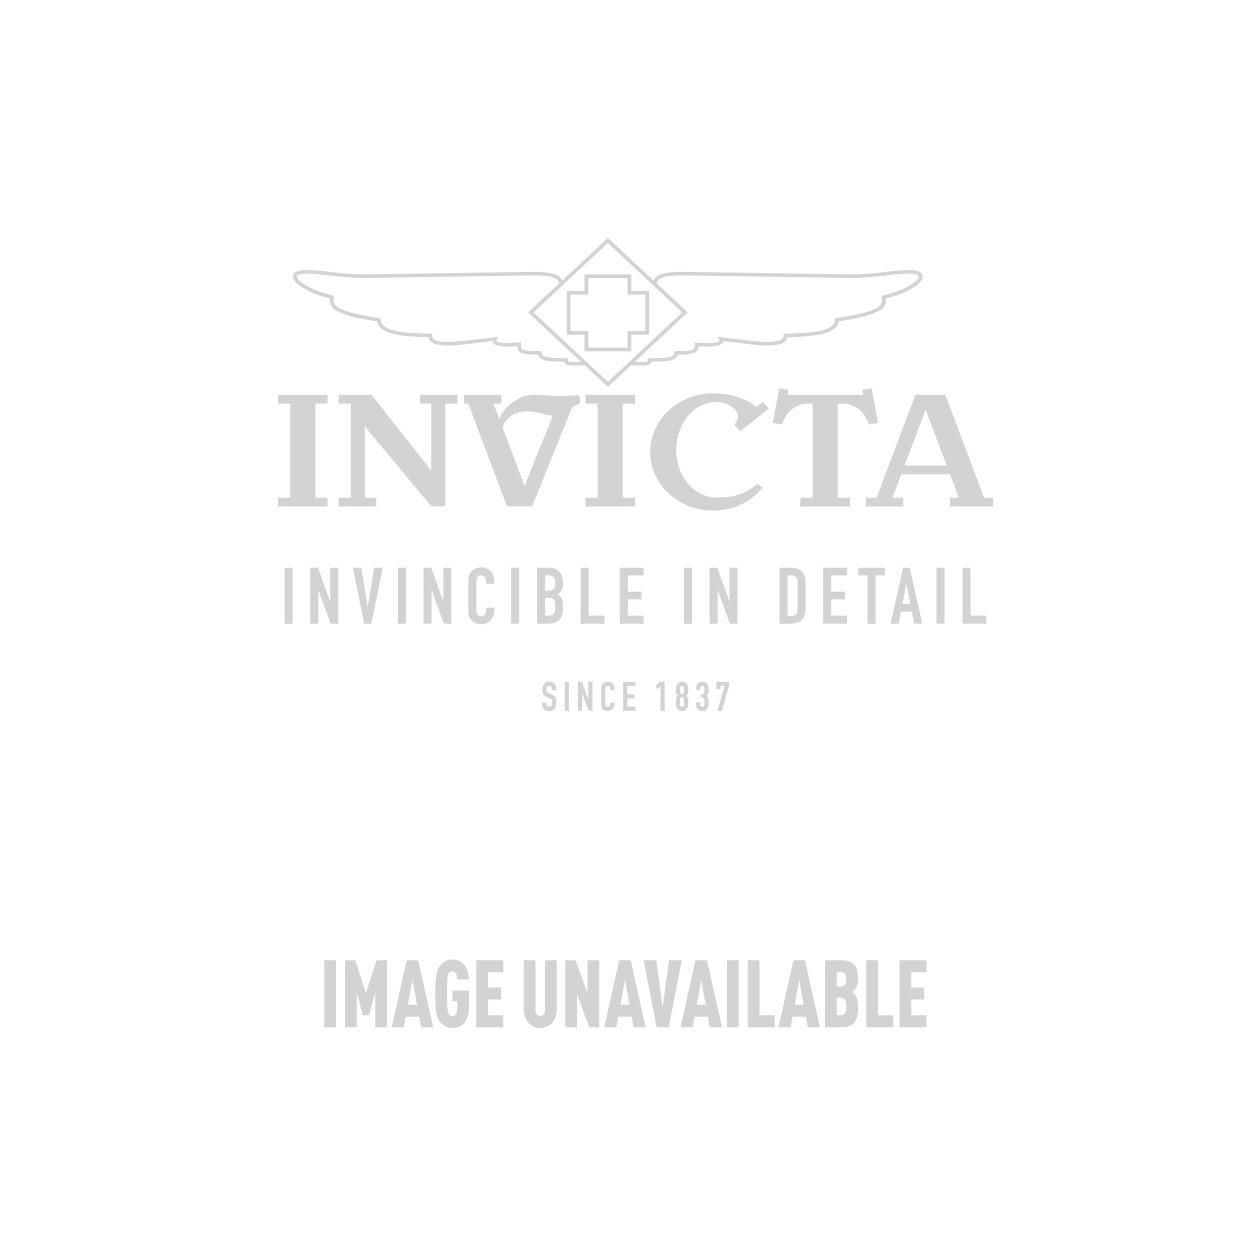 Invicta Model 27350